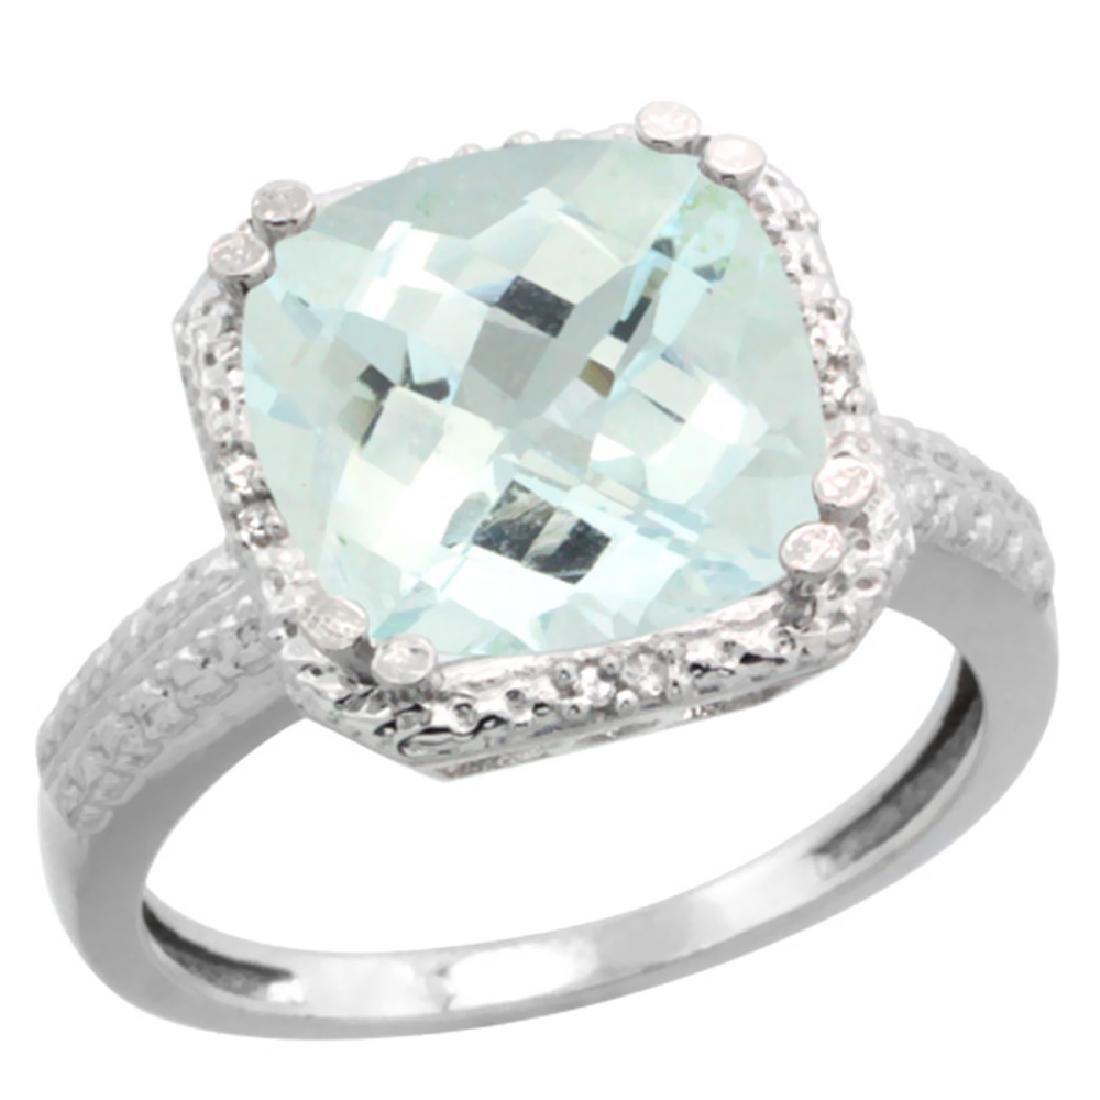 Natural 4.89 ctw Aquamarine & Diamond Engagement Ring